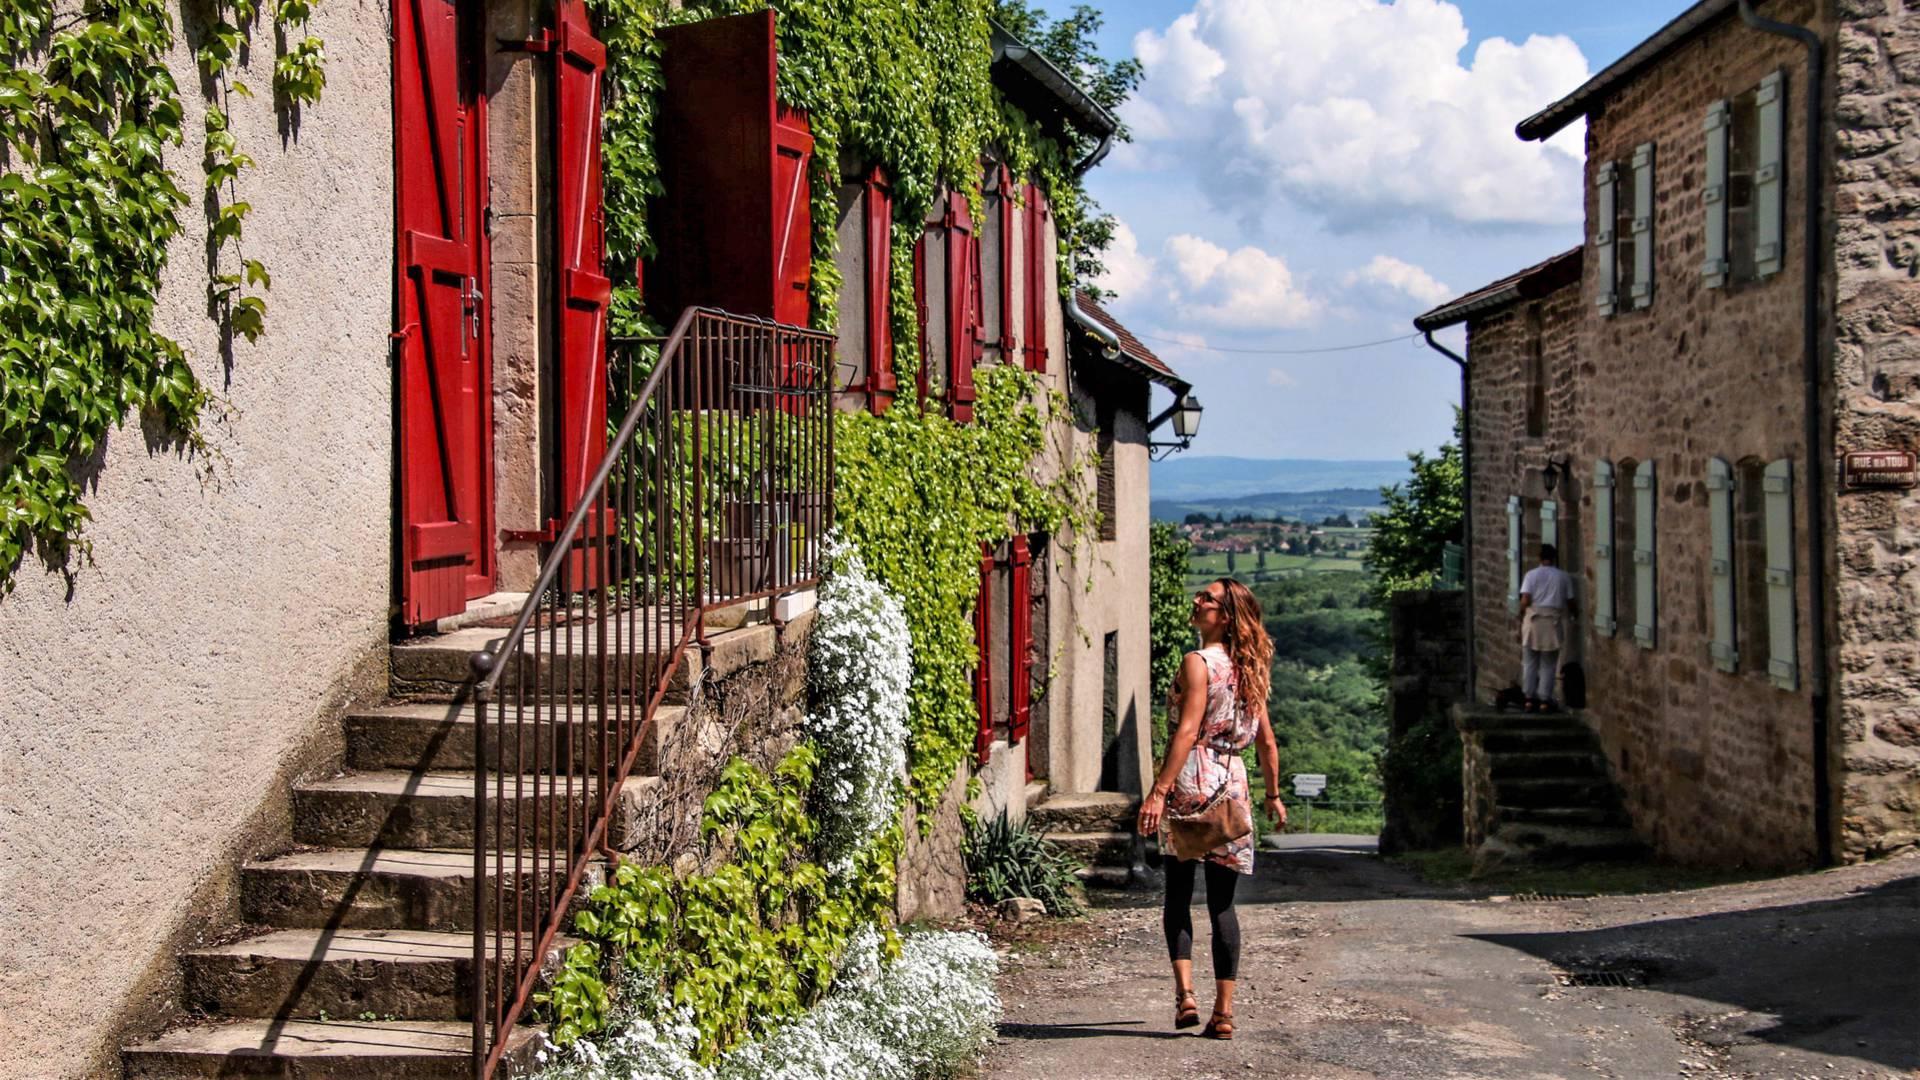 Dans une ruelle pittoresque, Mont-Saint-Vincent. © Lesley Williamson.